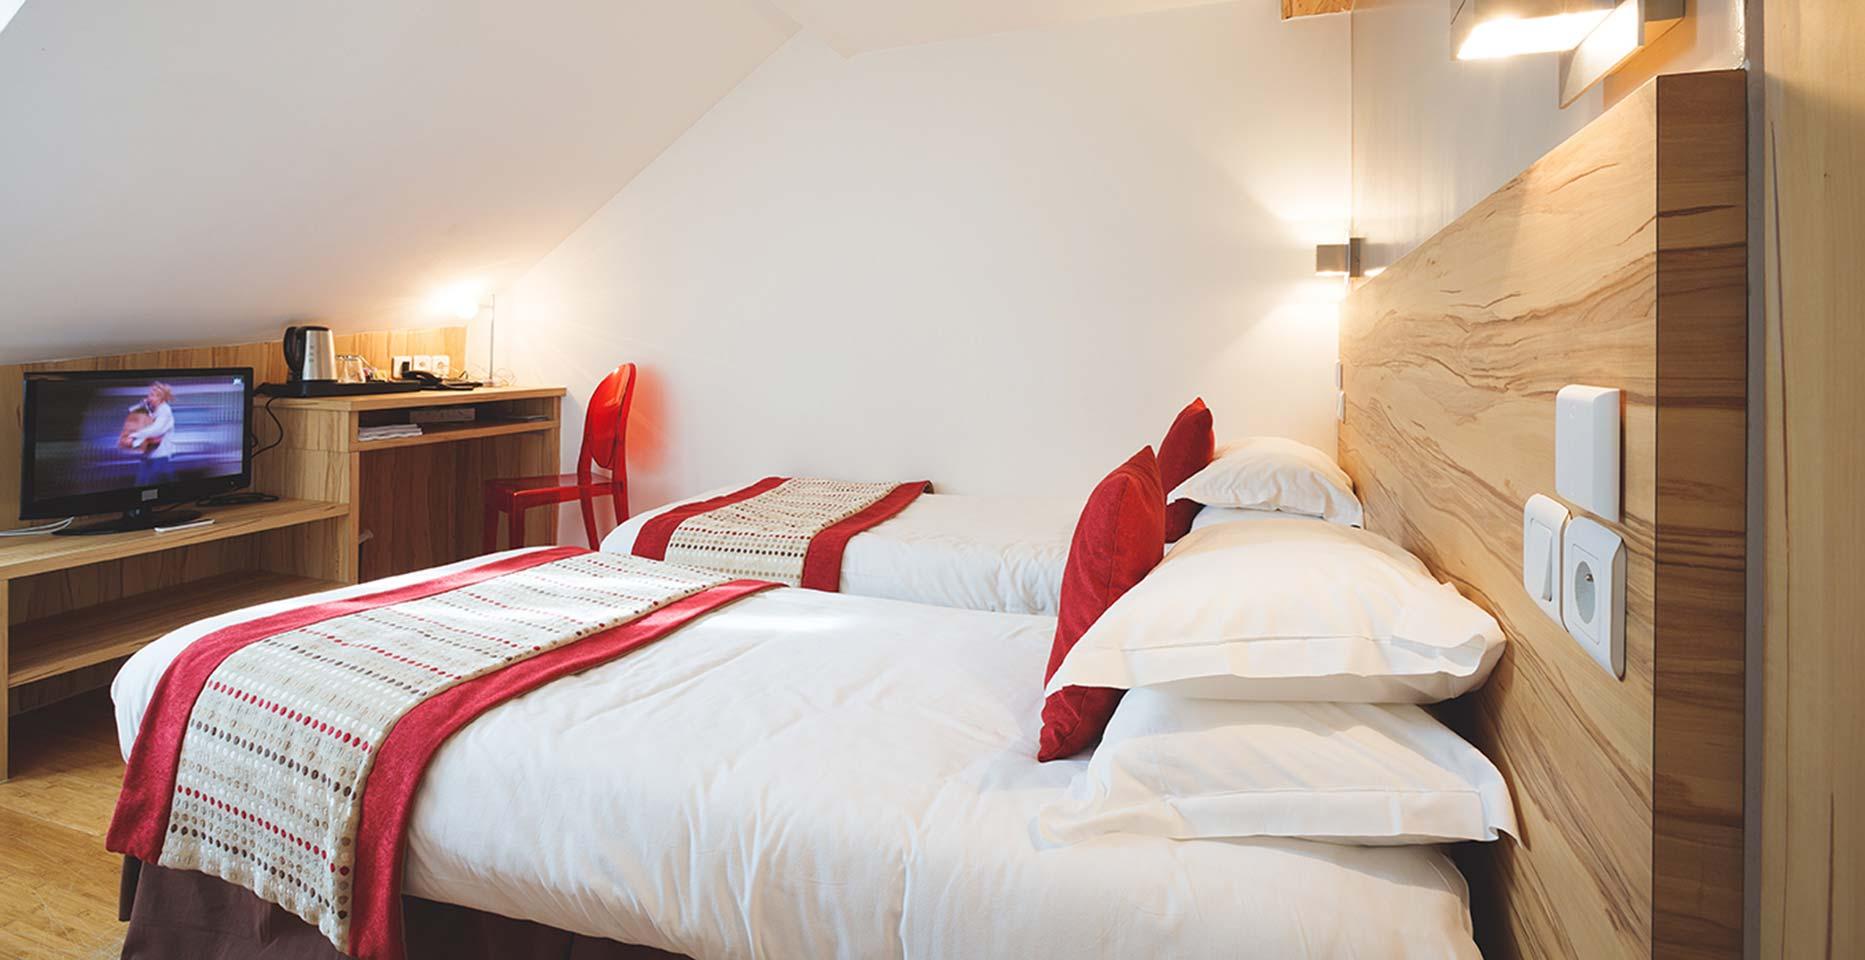 H tel bonne nouvelle paris site officiel meilleurs for Comparateur hotel paris prix